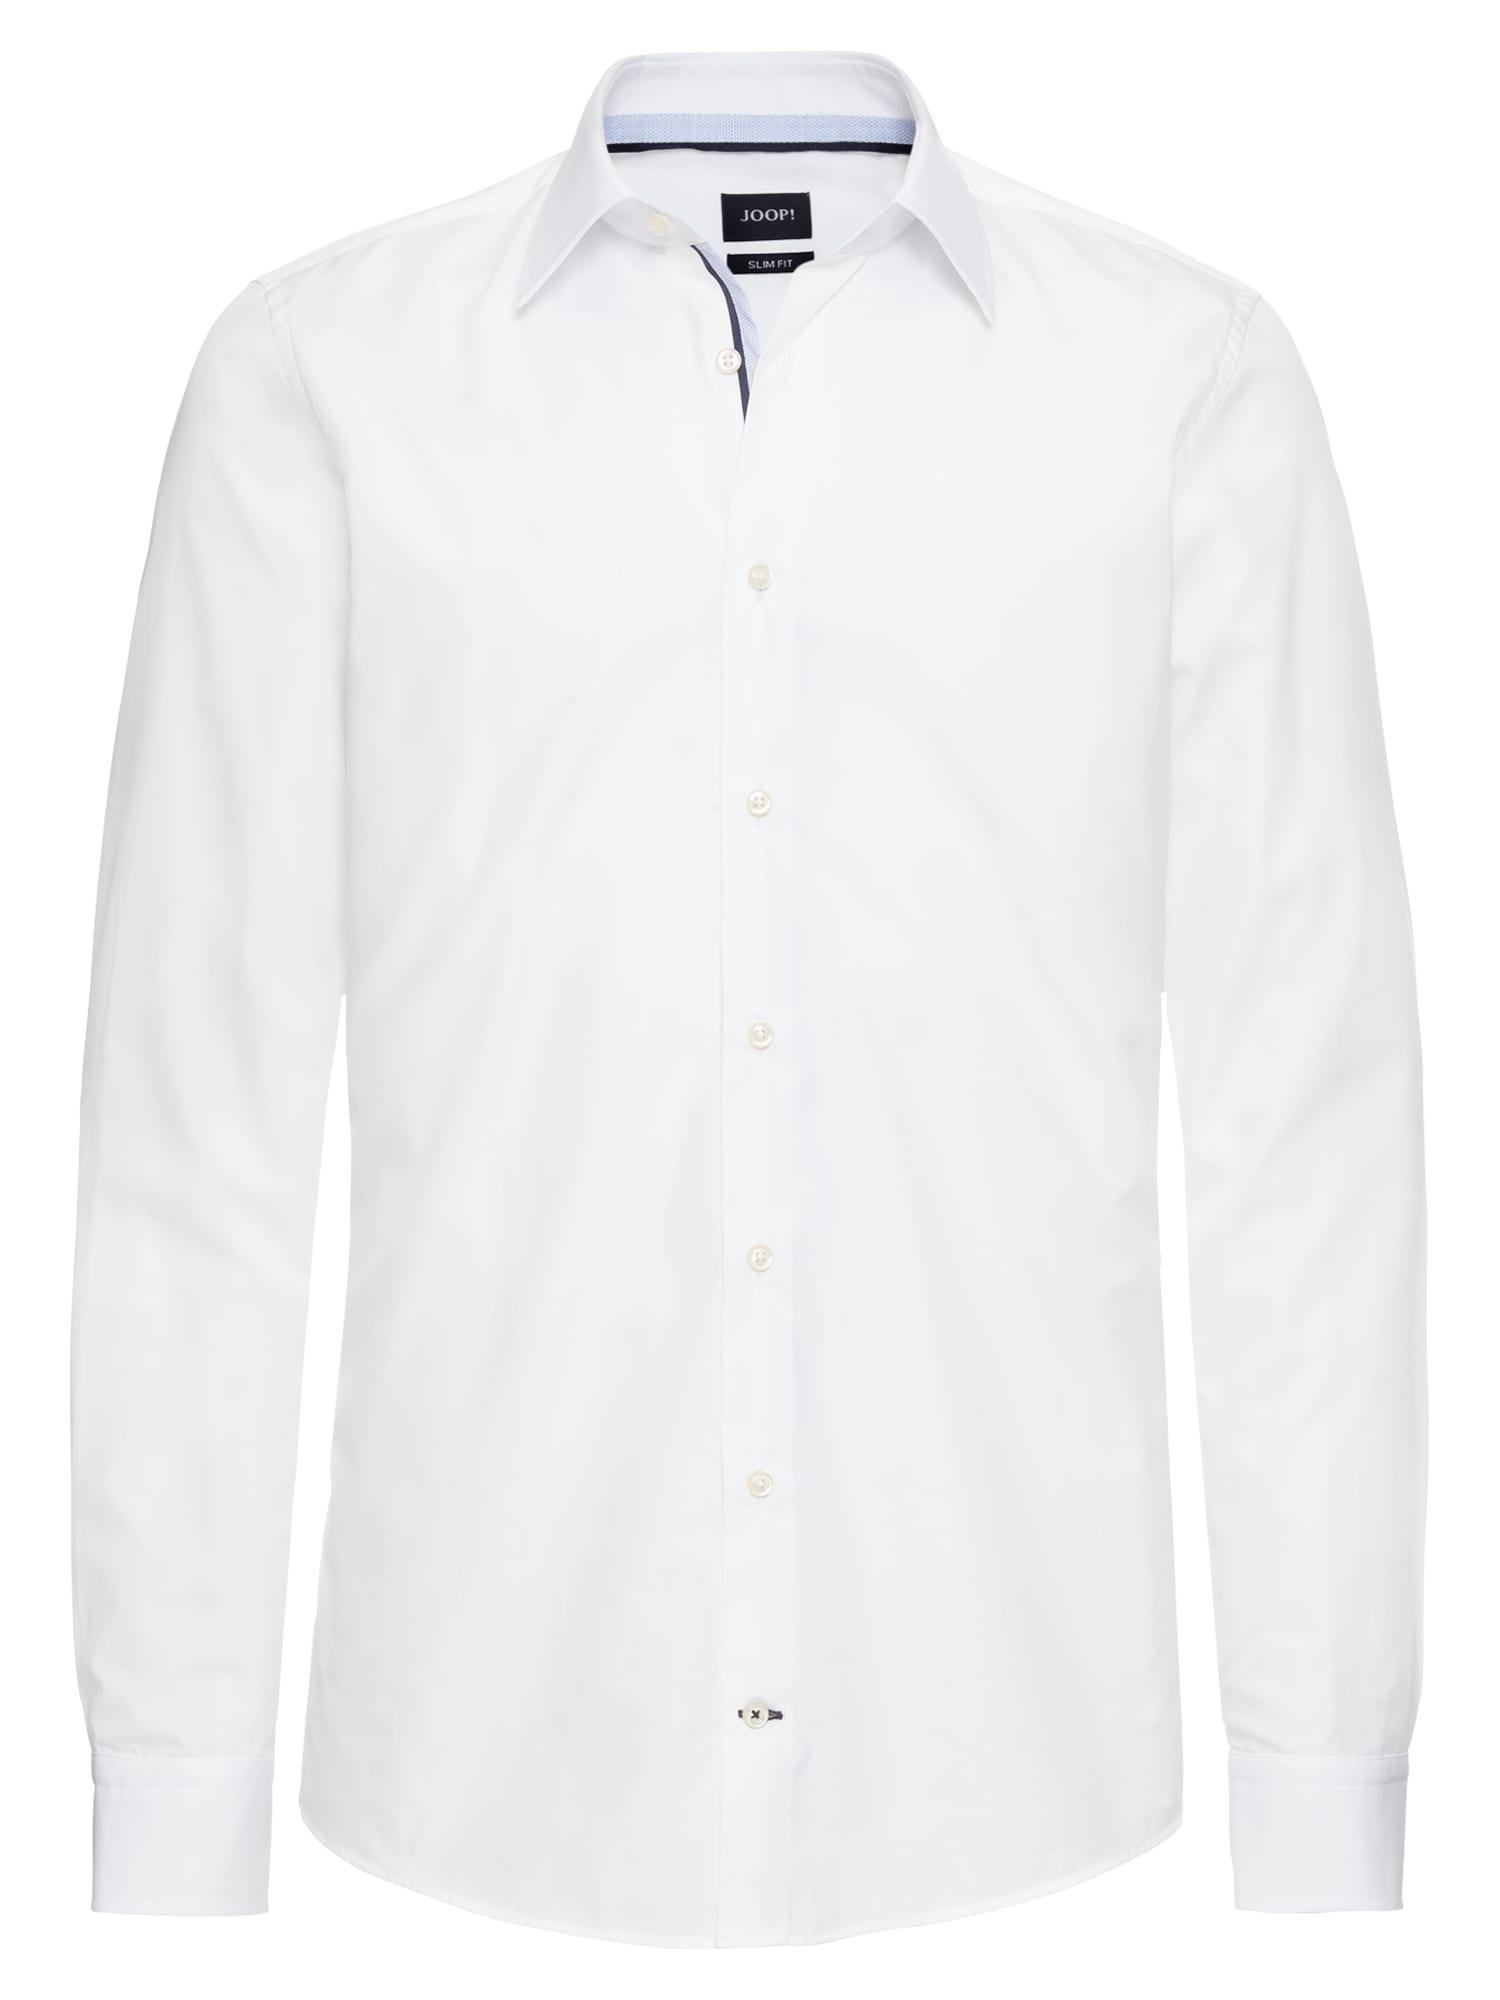 Společenská košile 17 JSH-64PierceK 10000628 02 bílá JOOP!